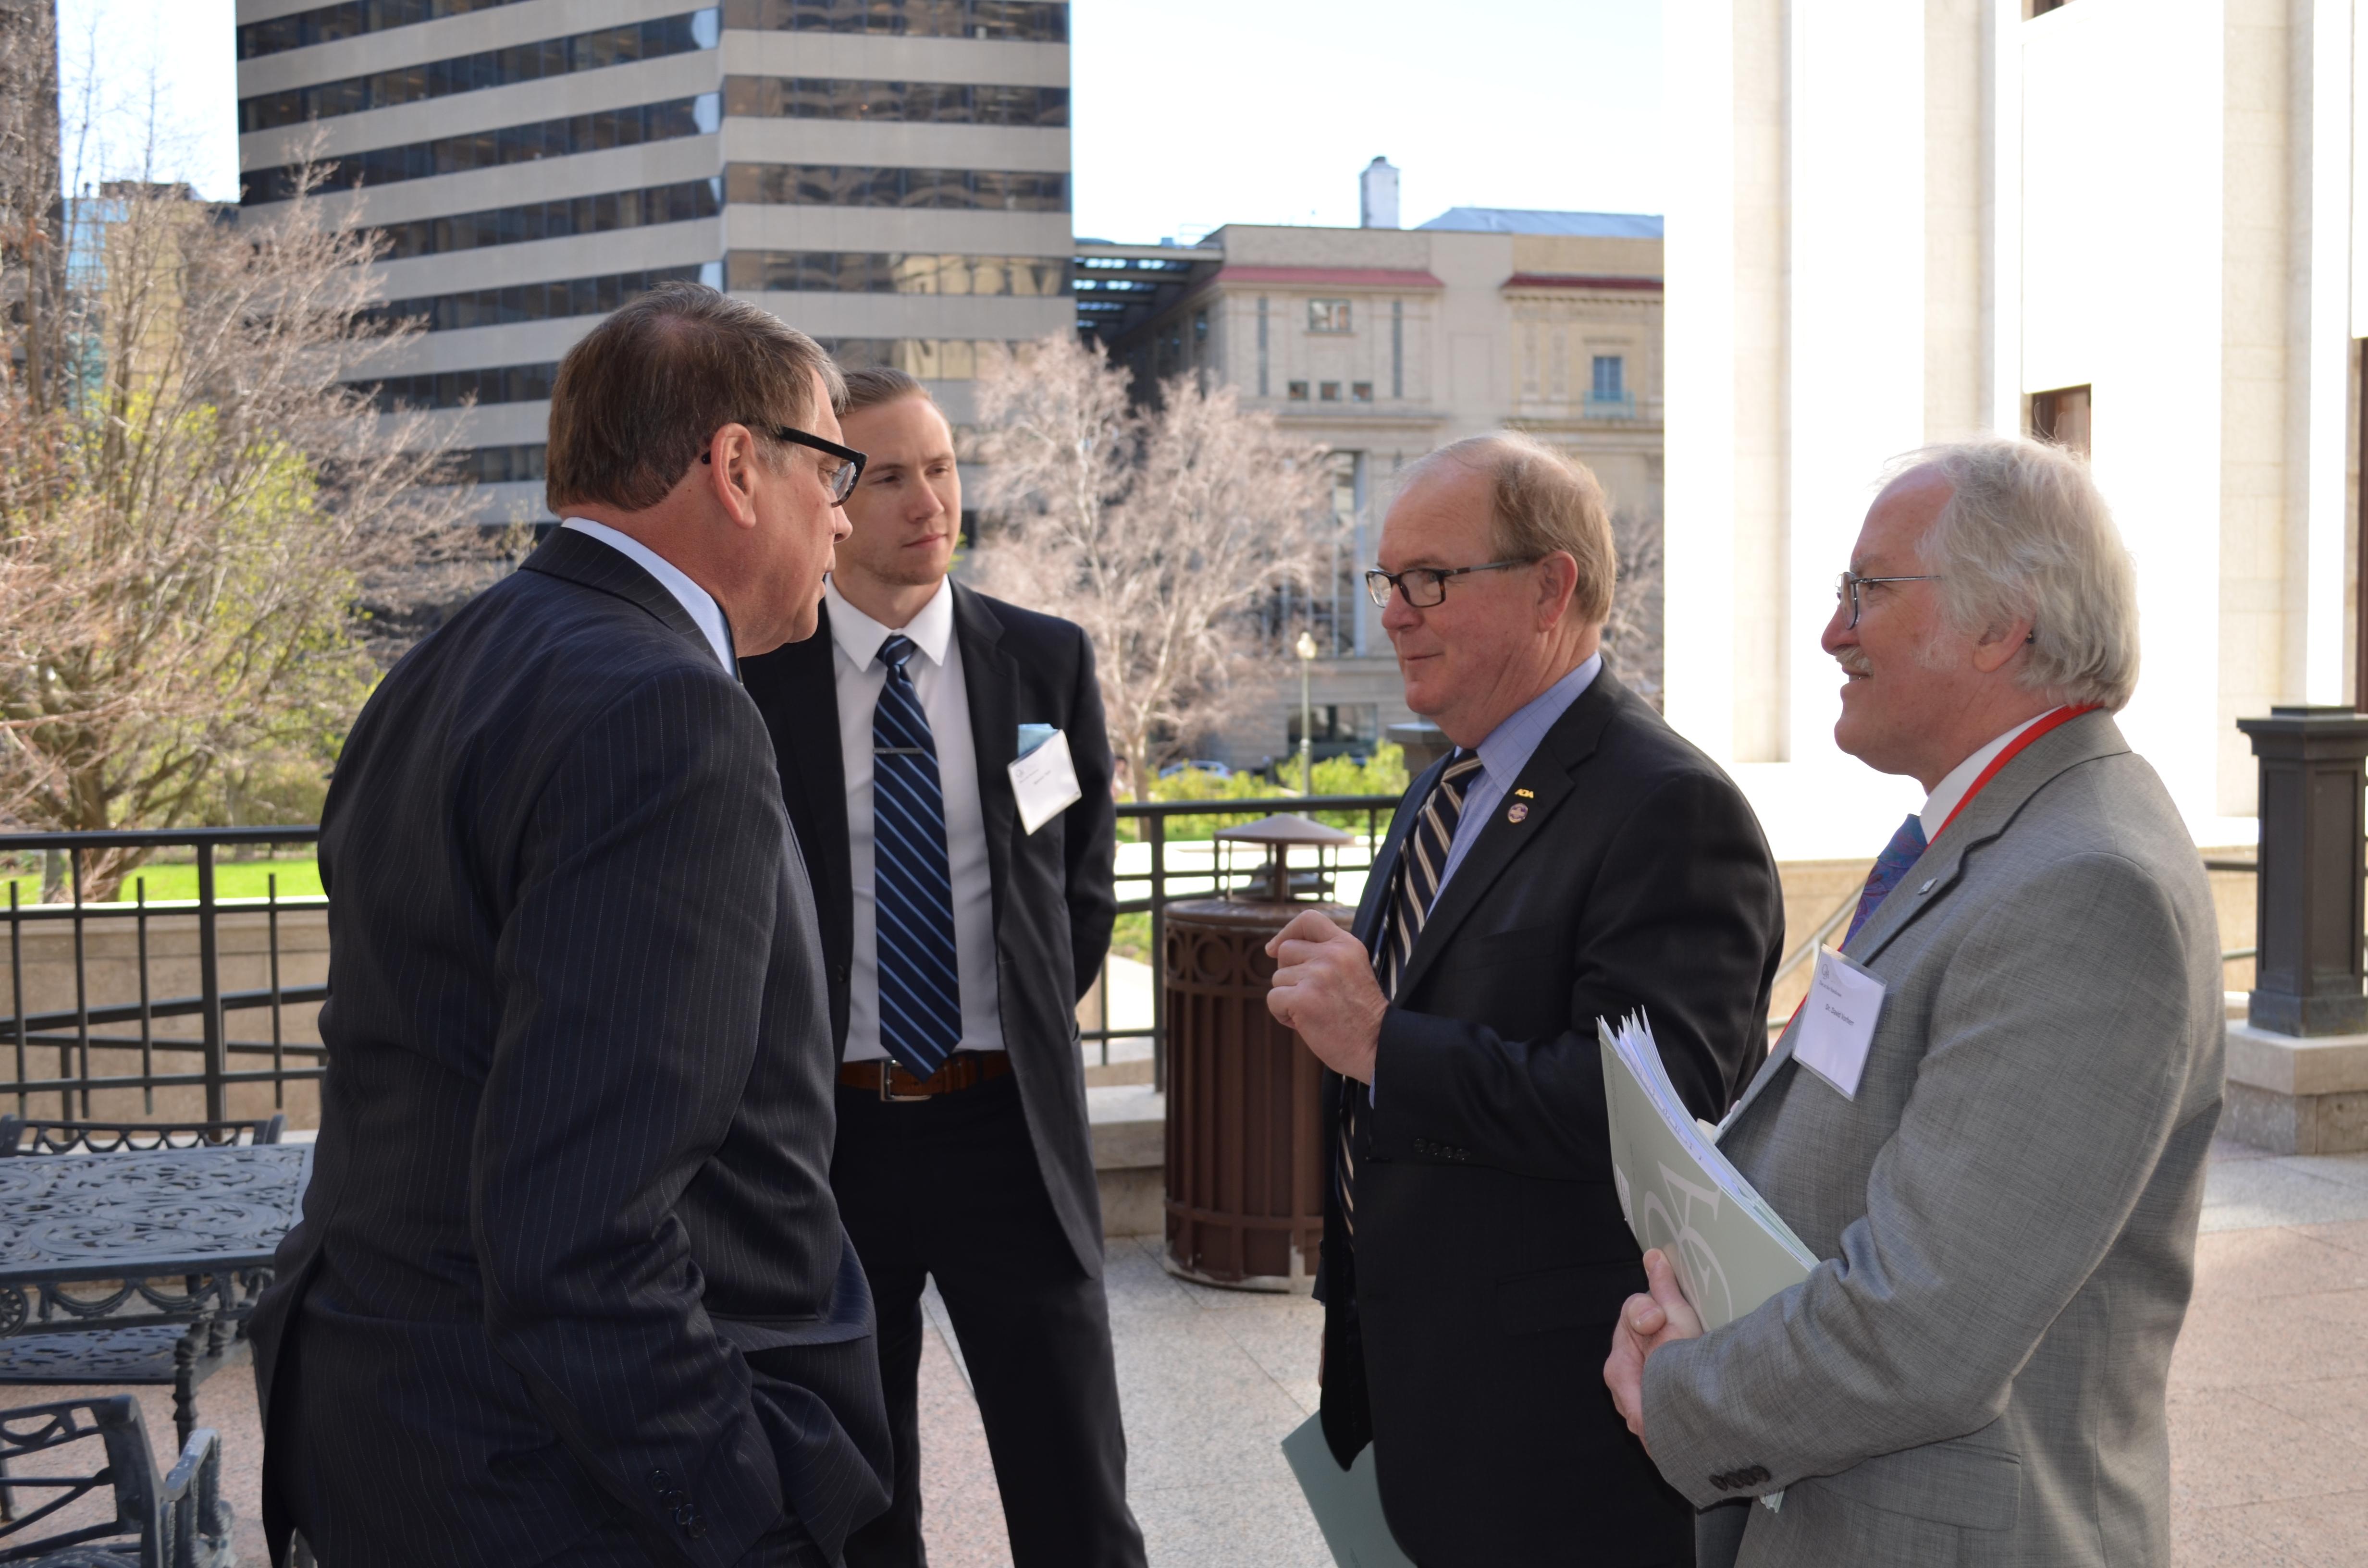 OSU dental student Spencer Tepe, Dr. Joe Crowley and Dr. David Vorherr